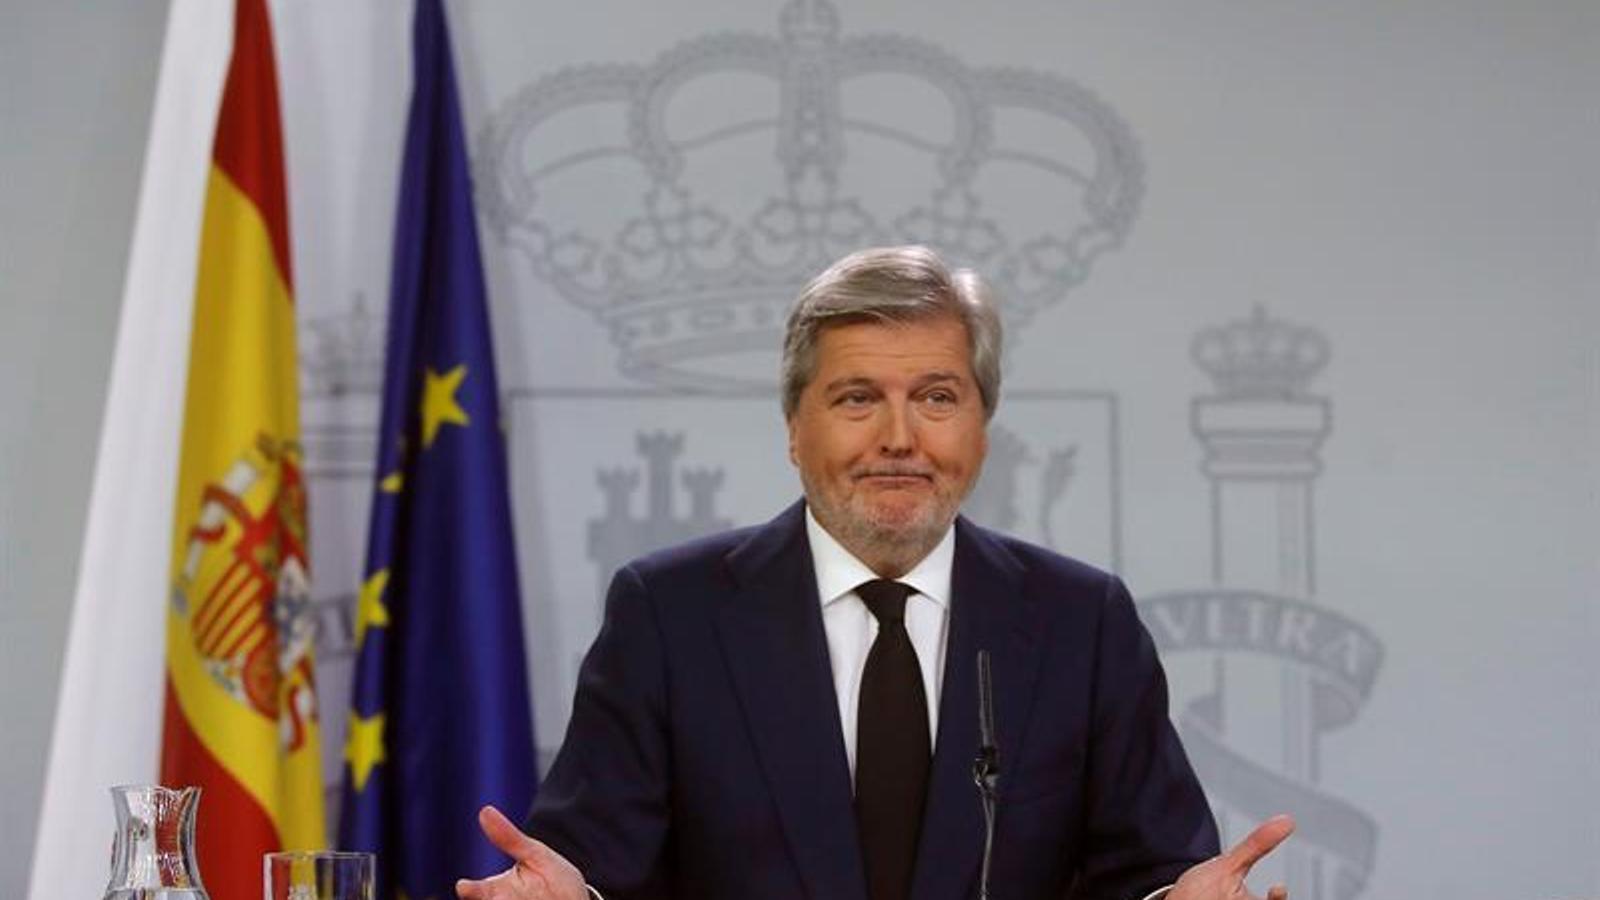 Méndez de Vigo respon als periodistes en la roda de premsa posterior al Consell de Ministres.